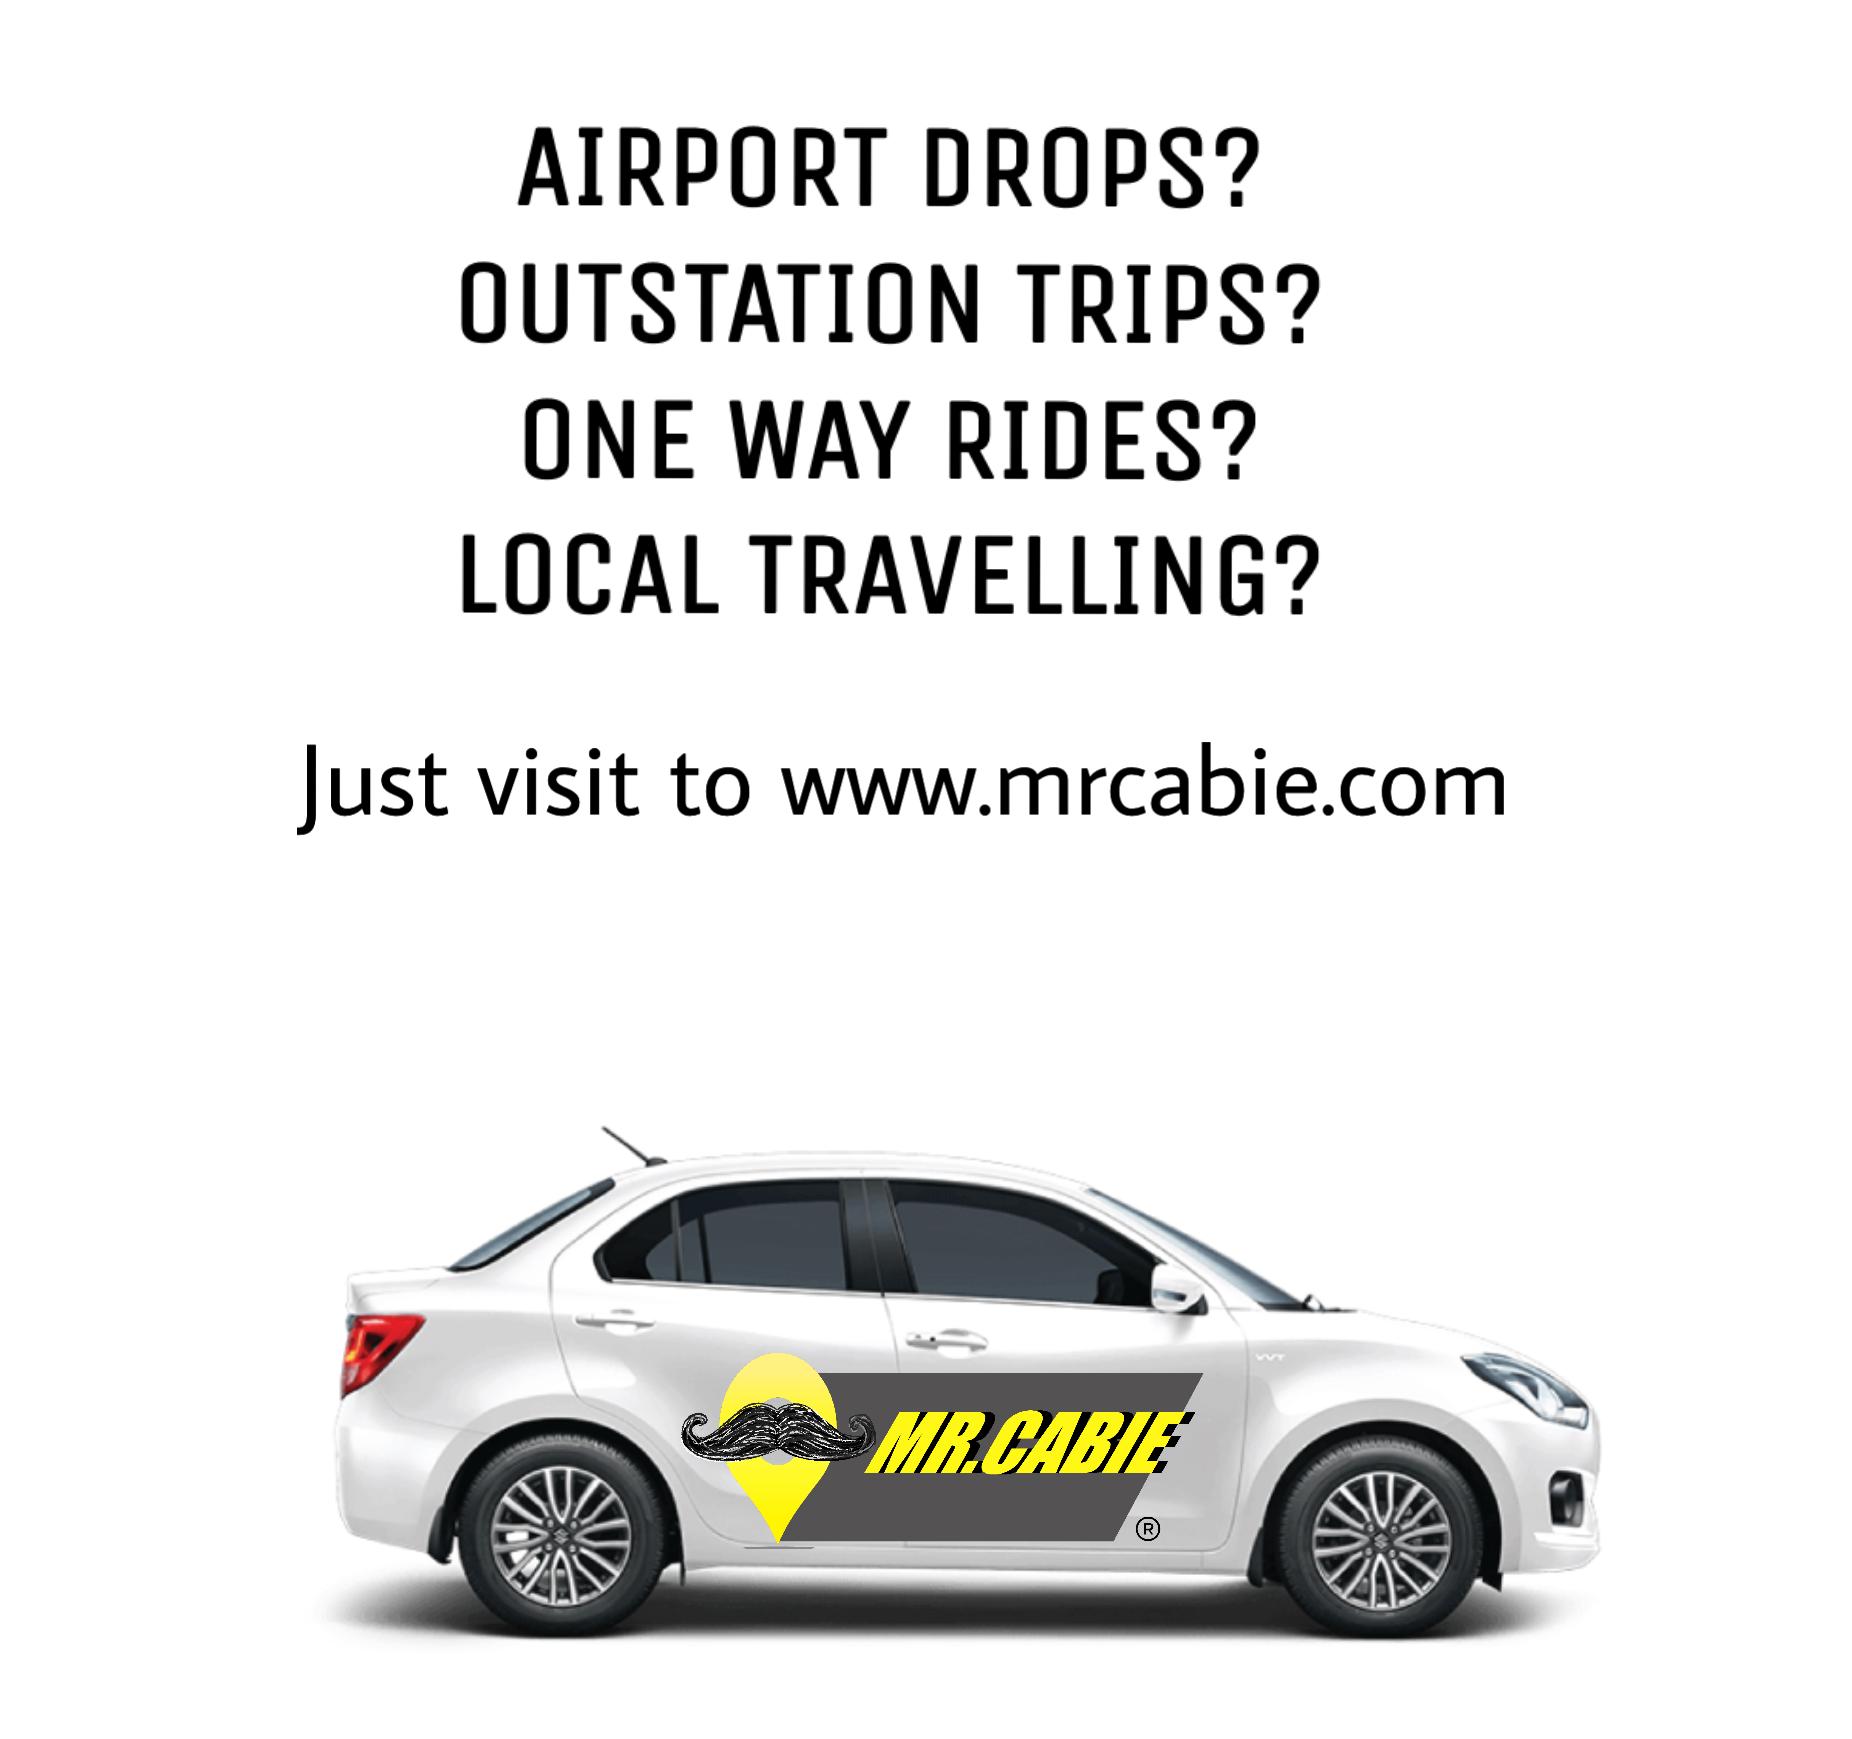 Mr. cabie taxi service